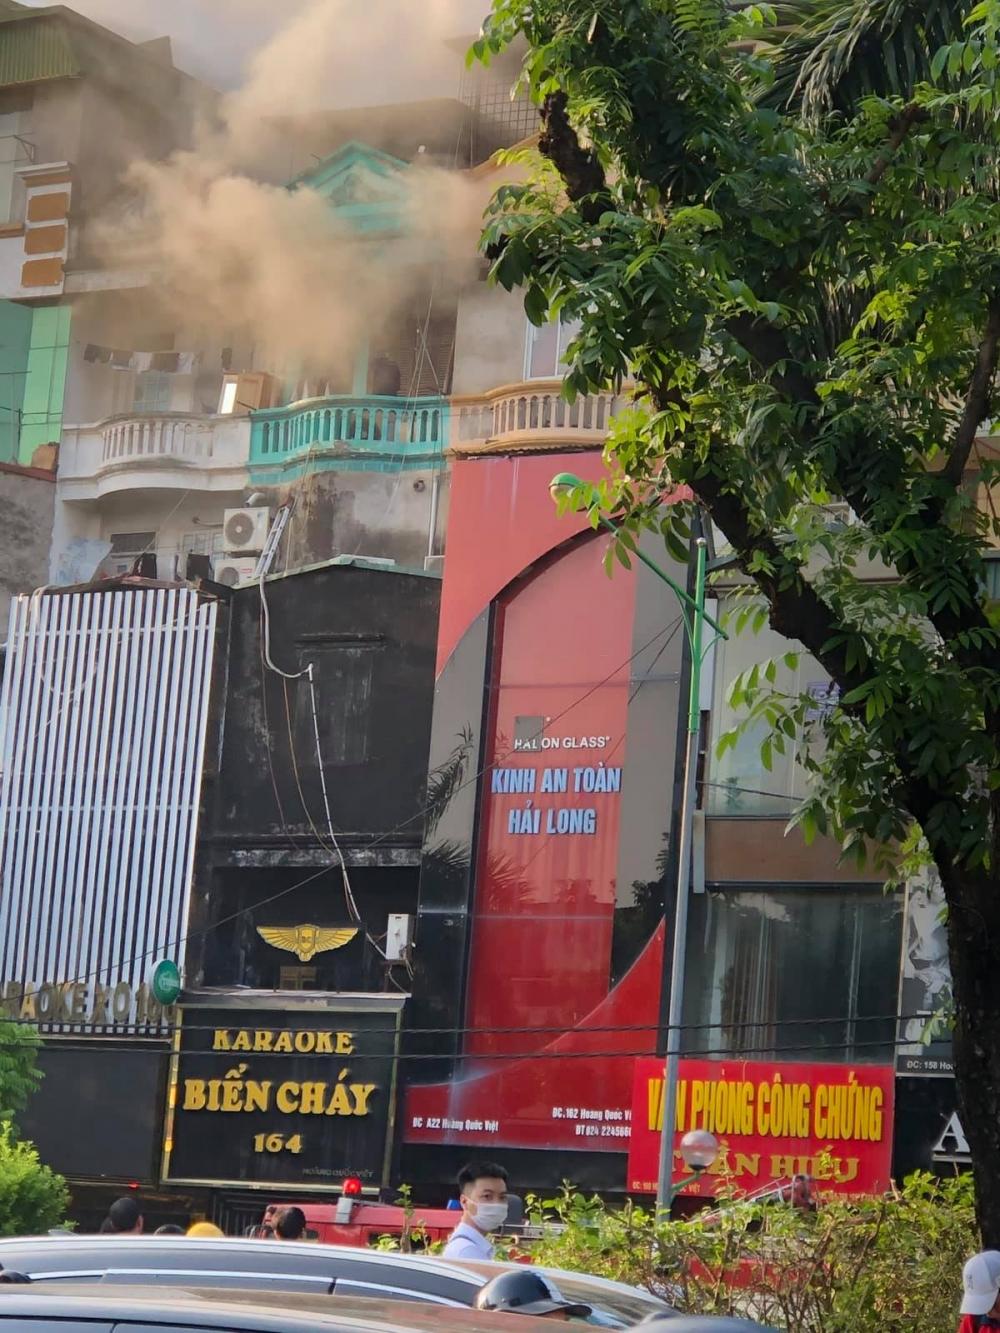 Hà Nội: Cháy lớn tại một quán karaoke trên đường Hoàng Quốc Việt